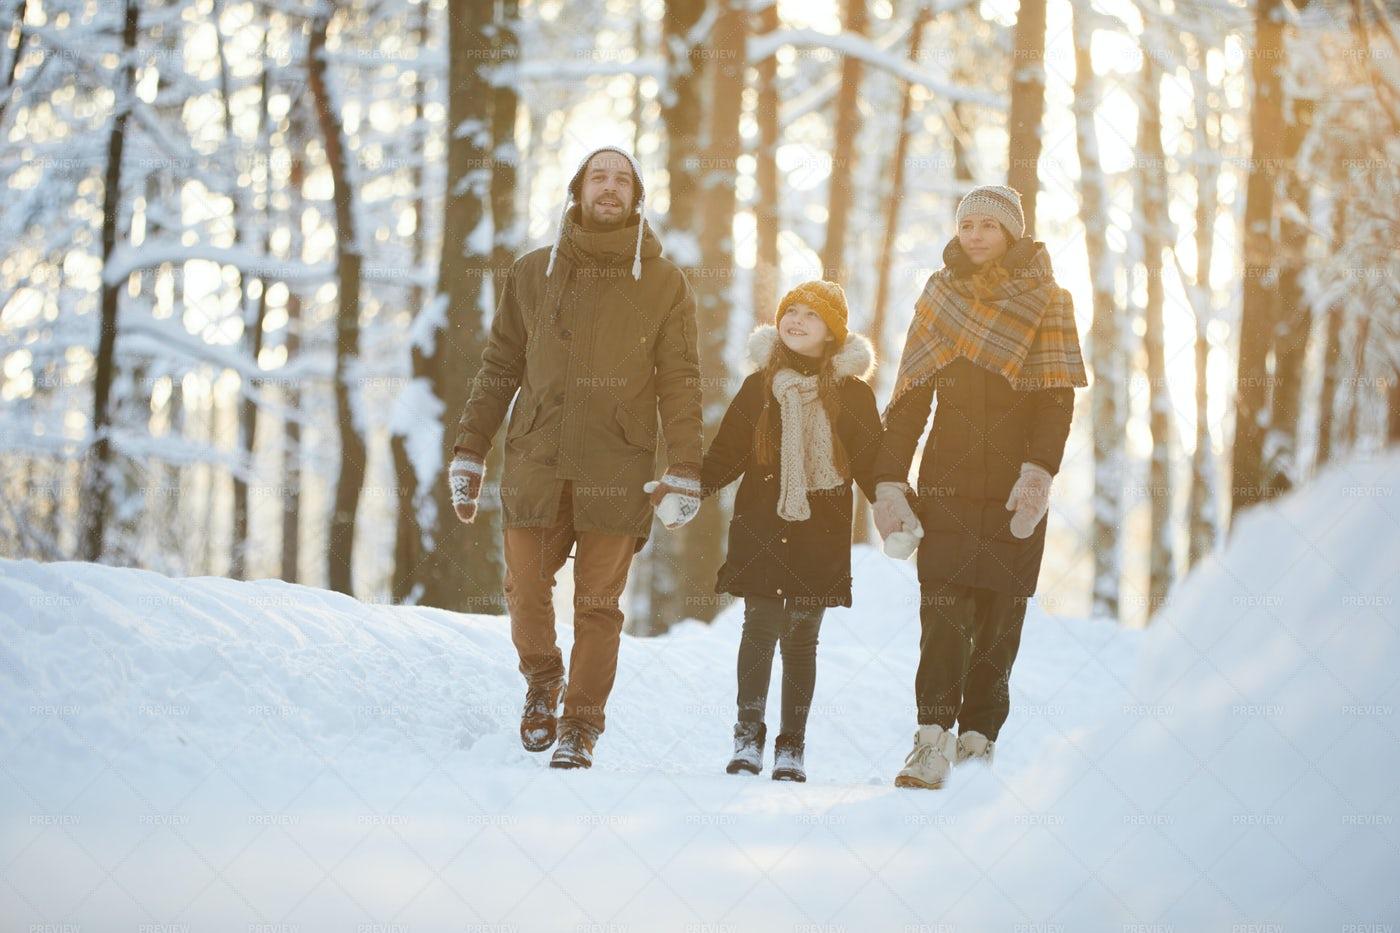 Happy Family Enjoying Walk In...: Stock Photos